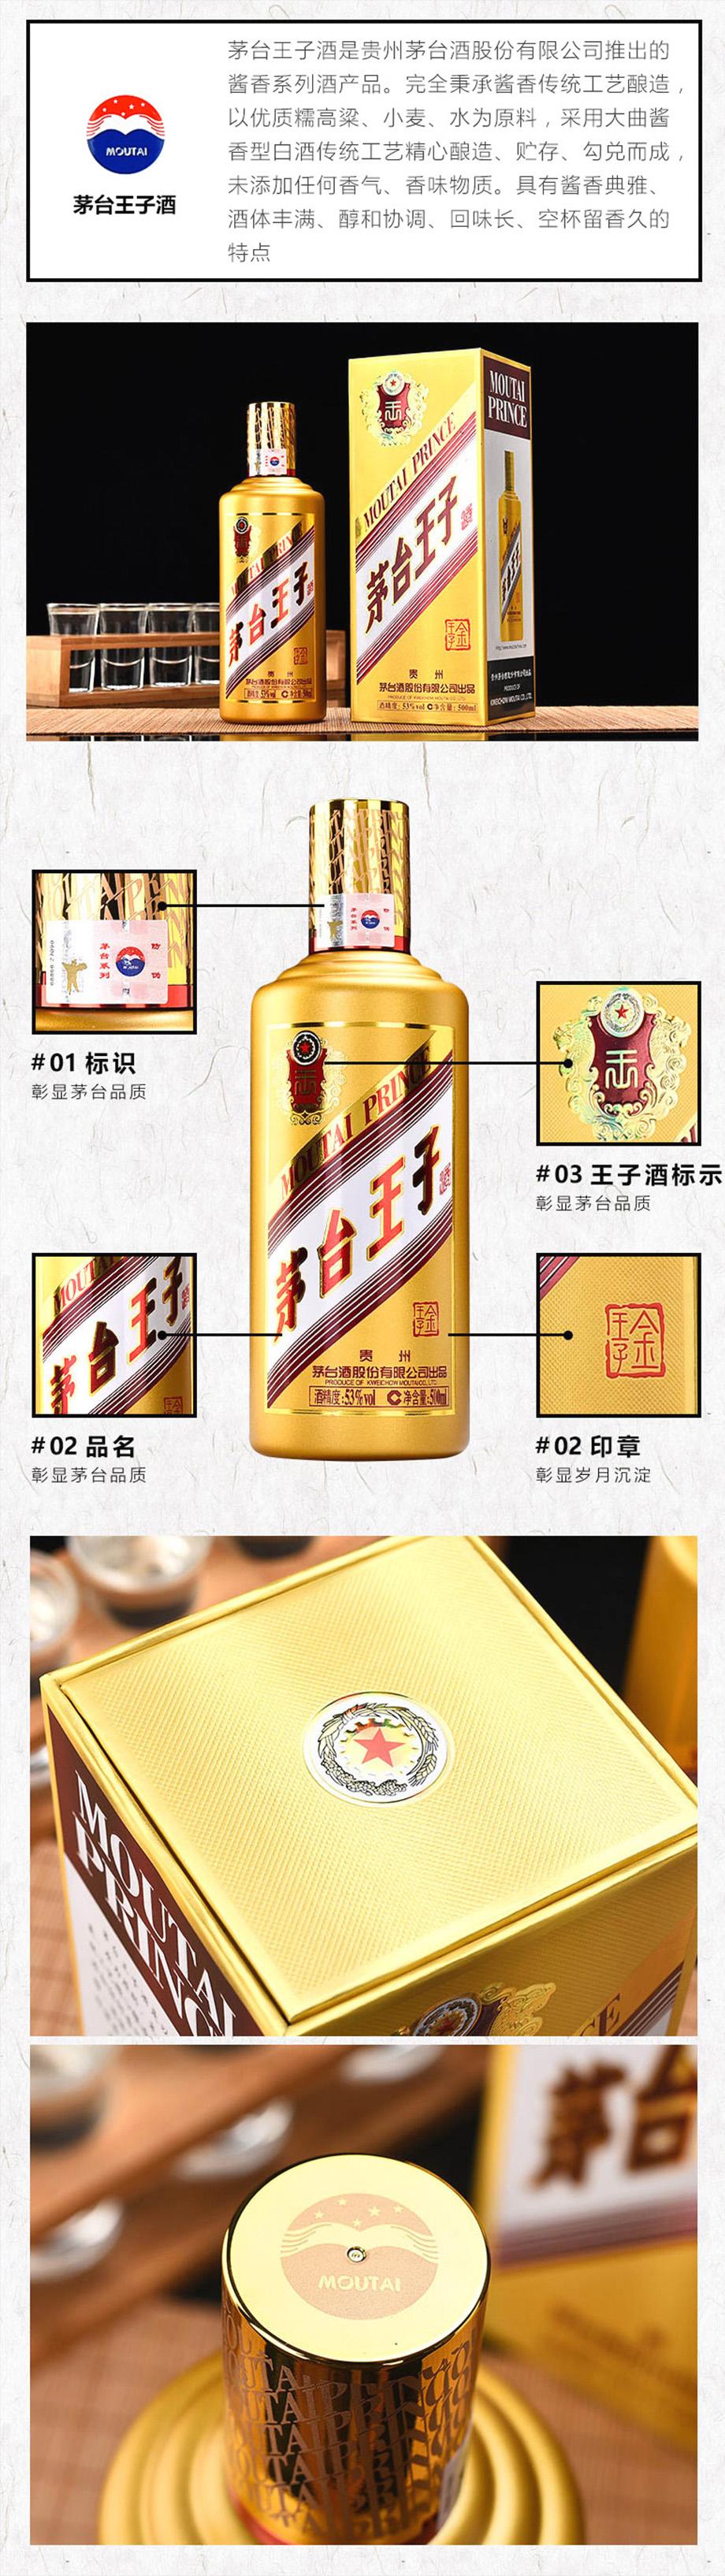 53°茅台王子( 金王子)-产品展示.jpg